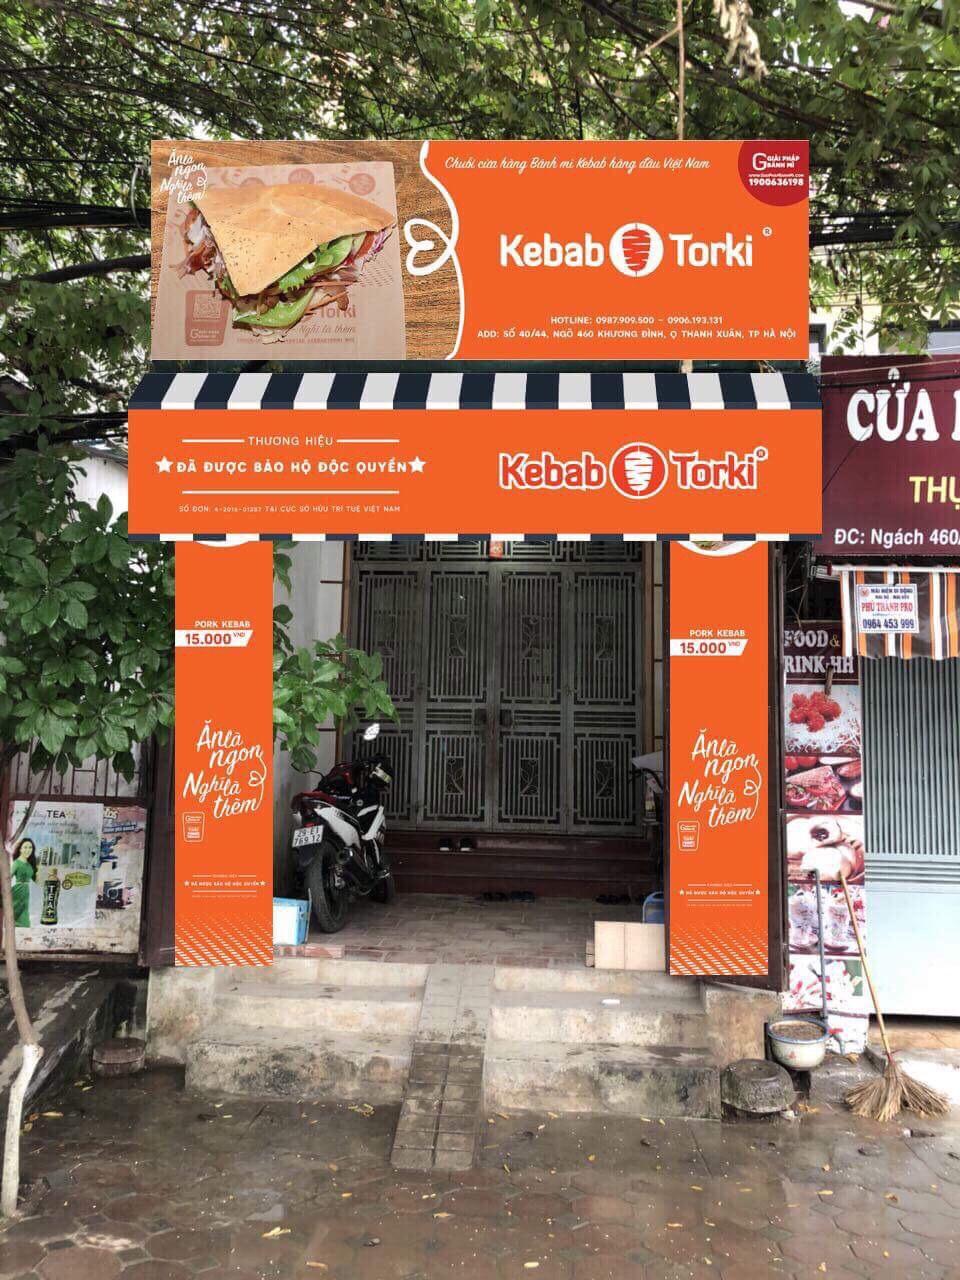 Torki Kebab Franchise